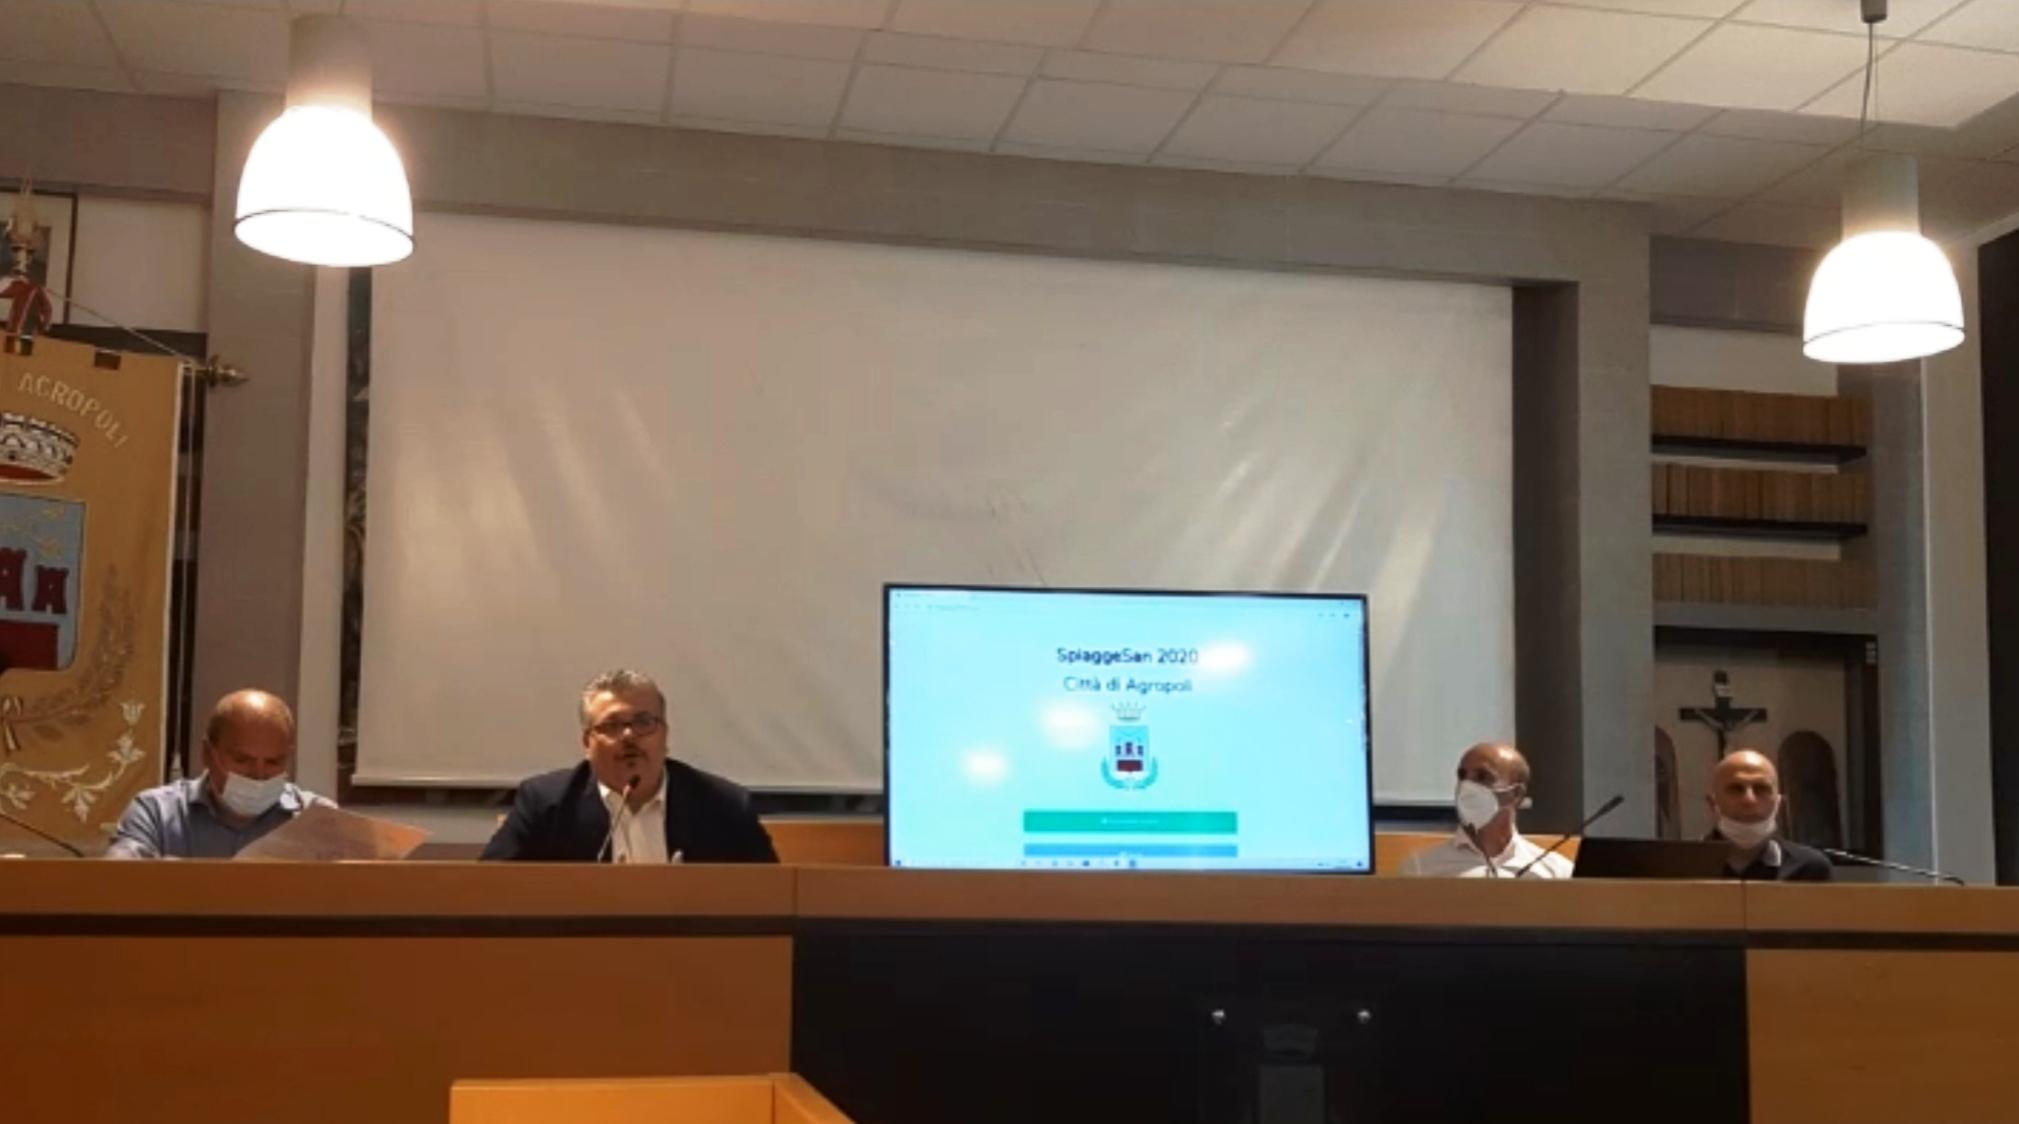 """Presentata l'app """"SpiaggeSan 2020 Città di Agropoli"""", ecco dove scaricarla"""